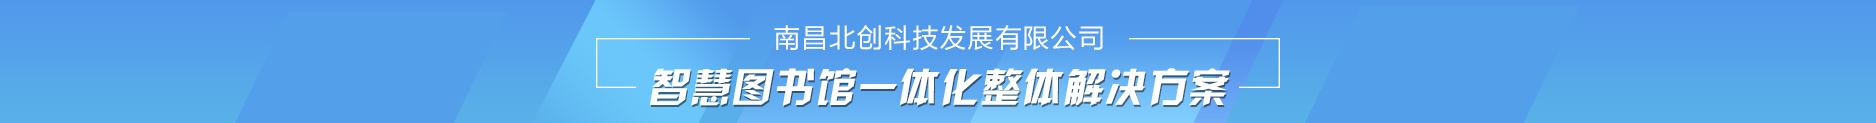 南昌北创科技发展有限公司